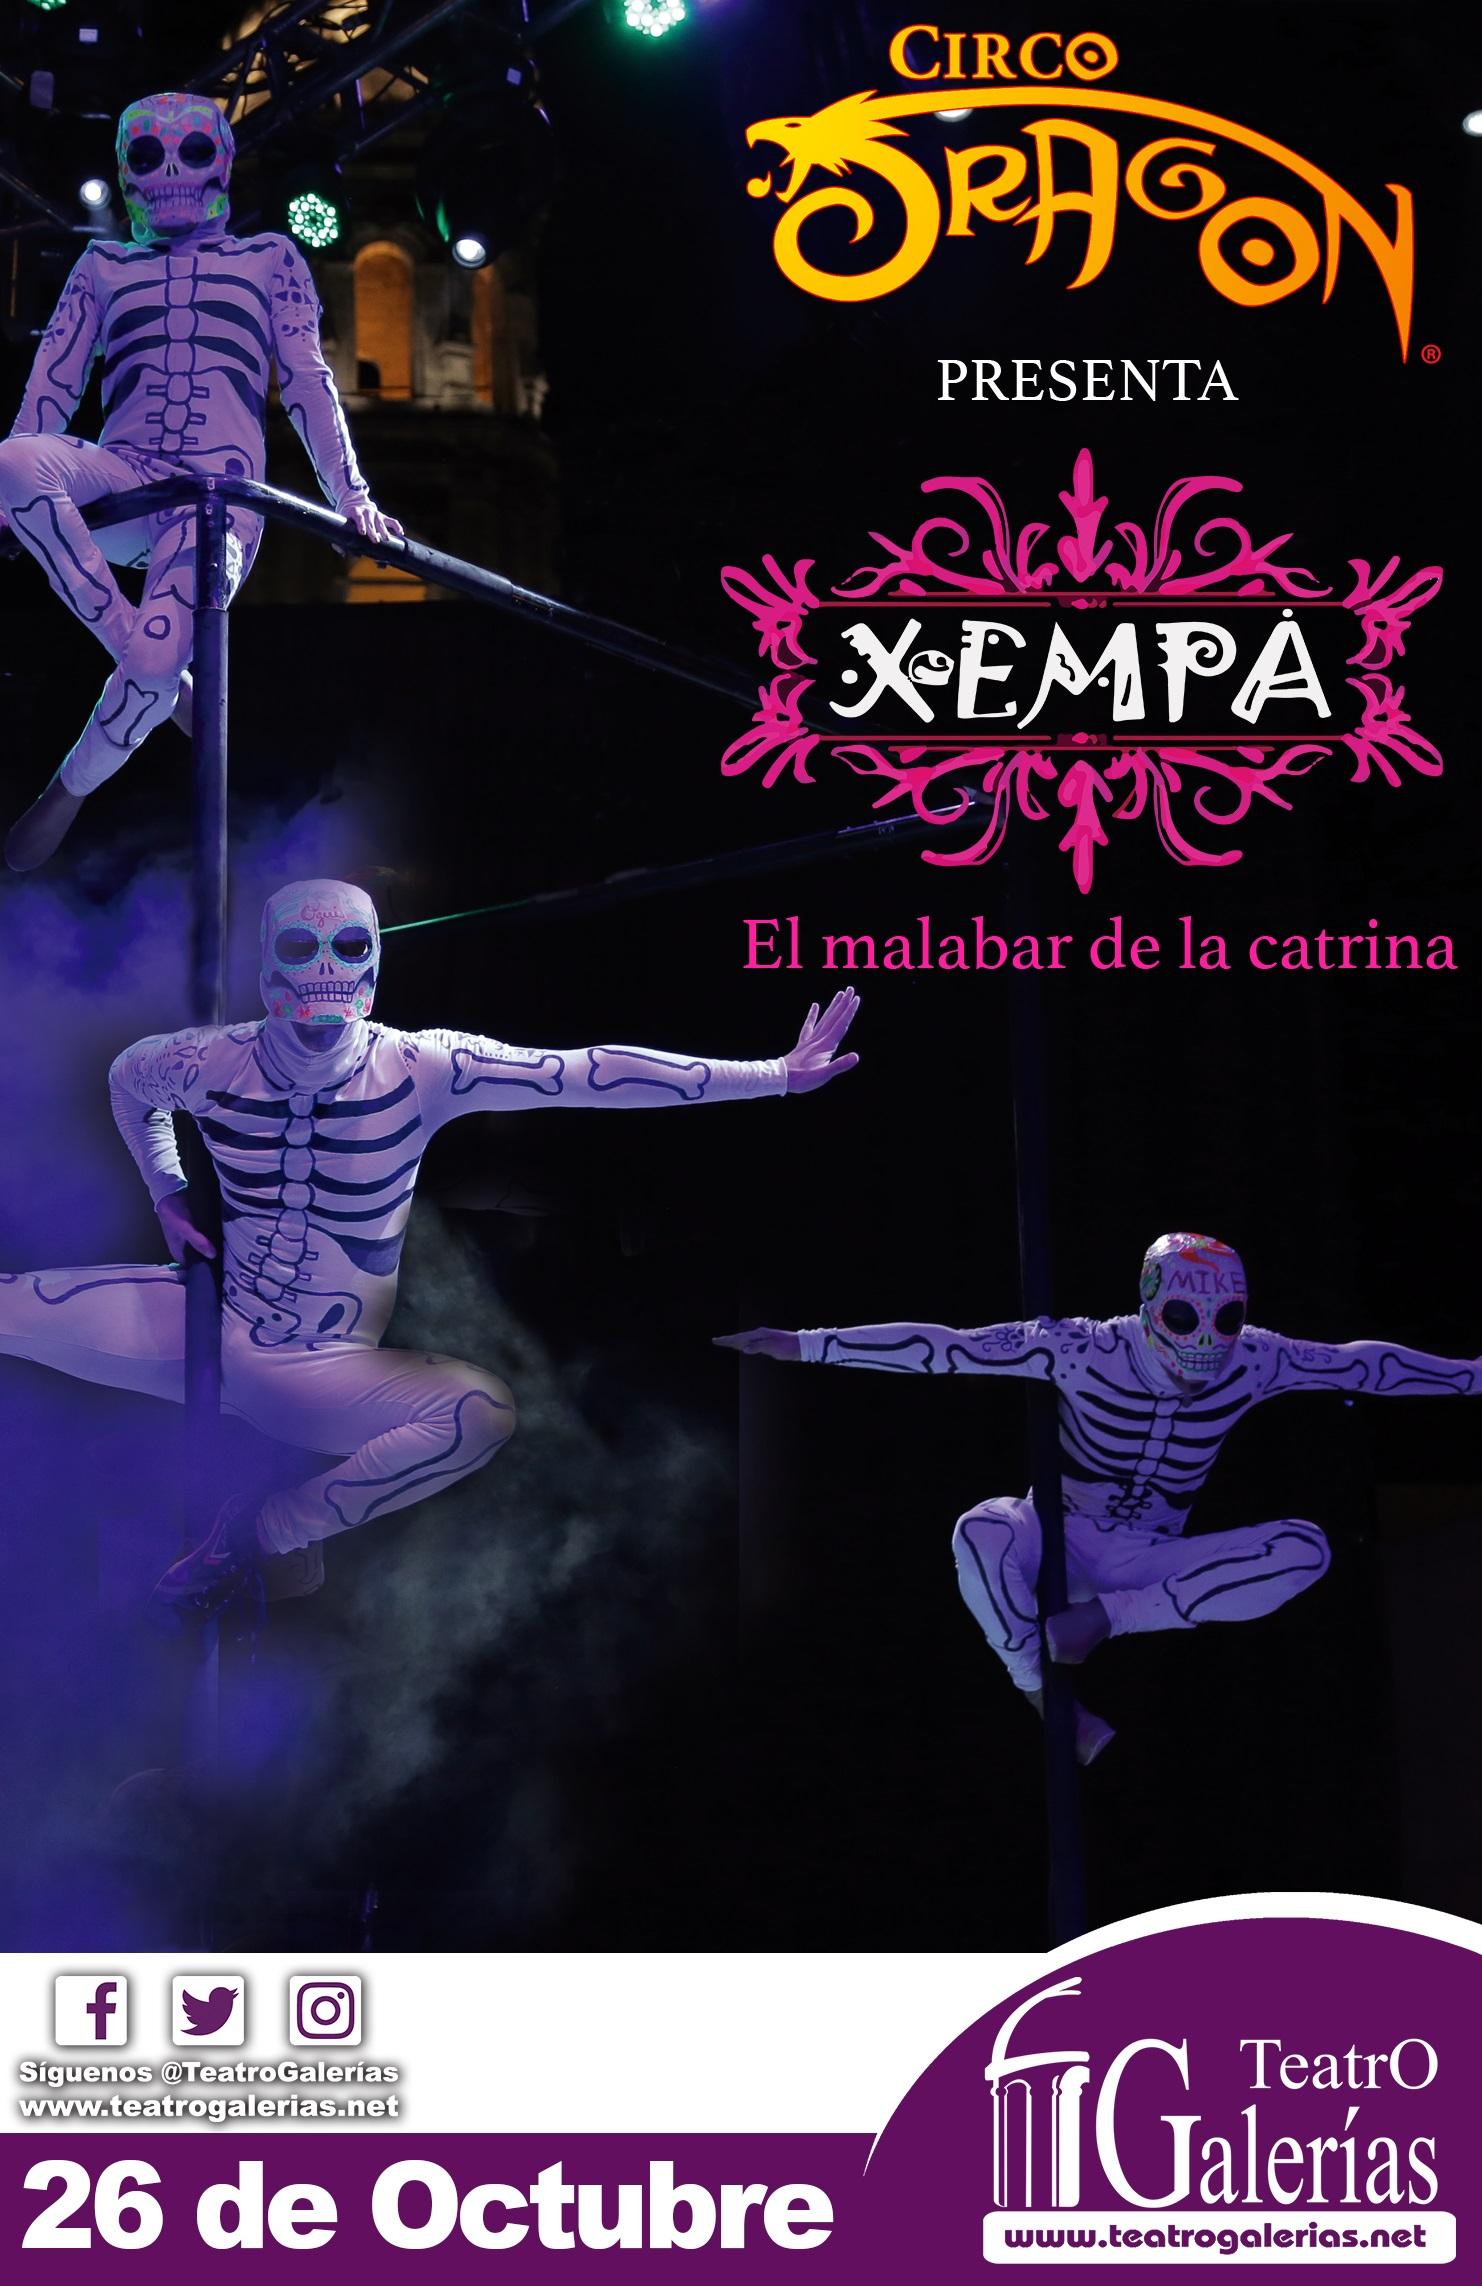 Xempa Mexico; Tradiciones, Vida y Muerte / Teatro Galerías